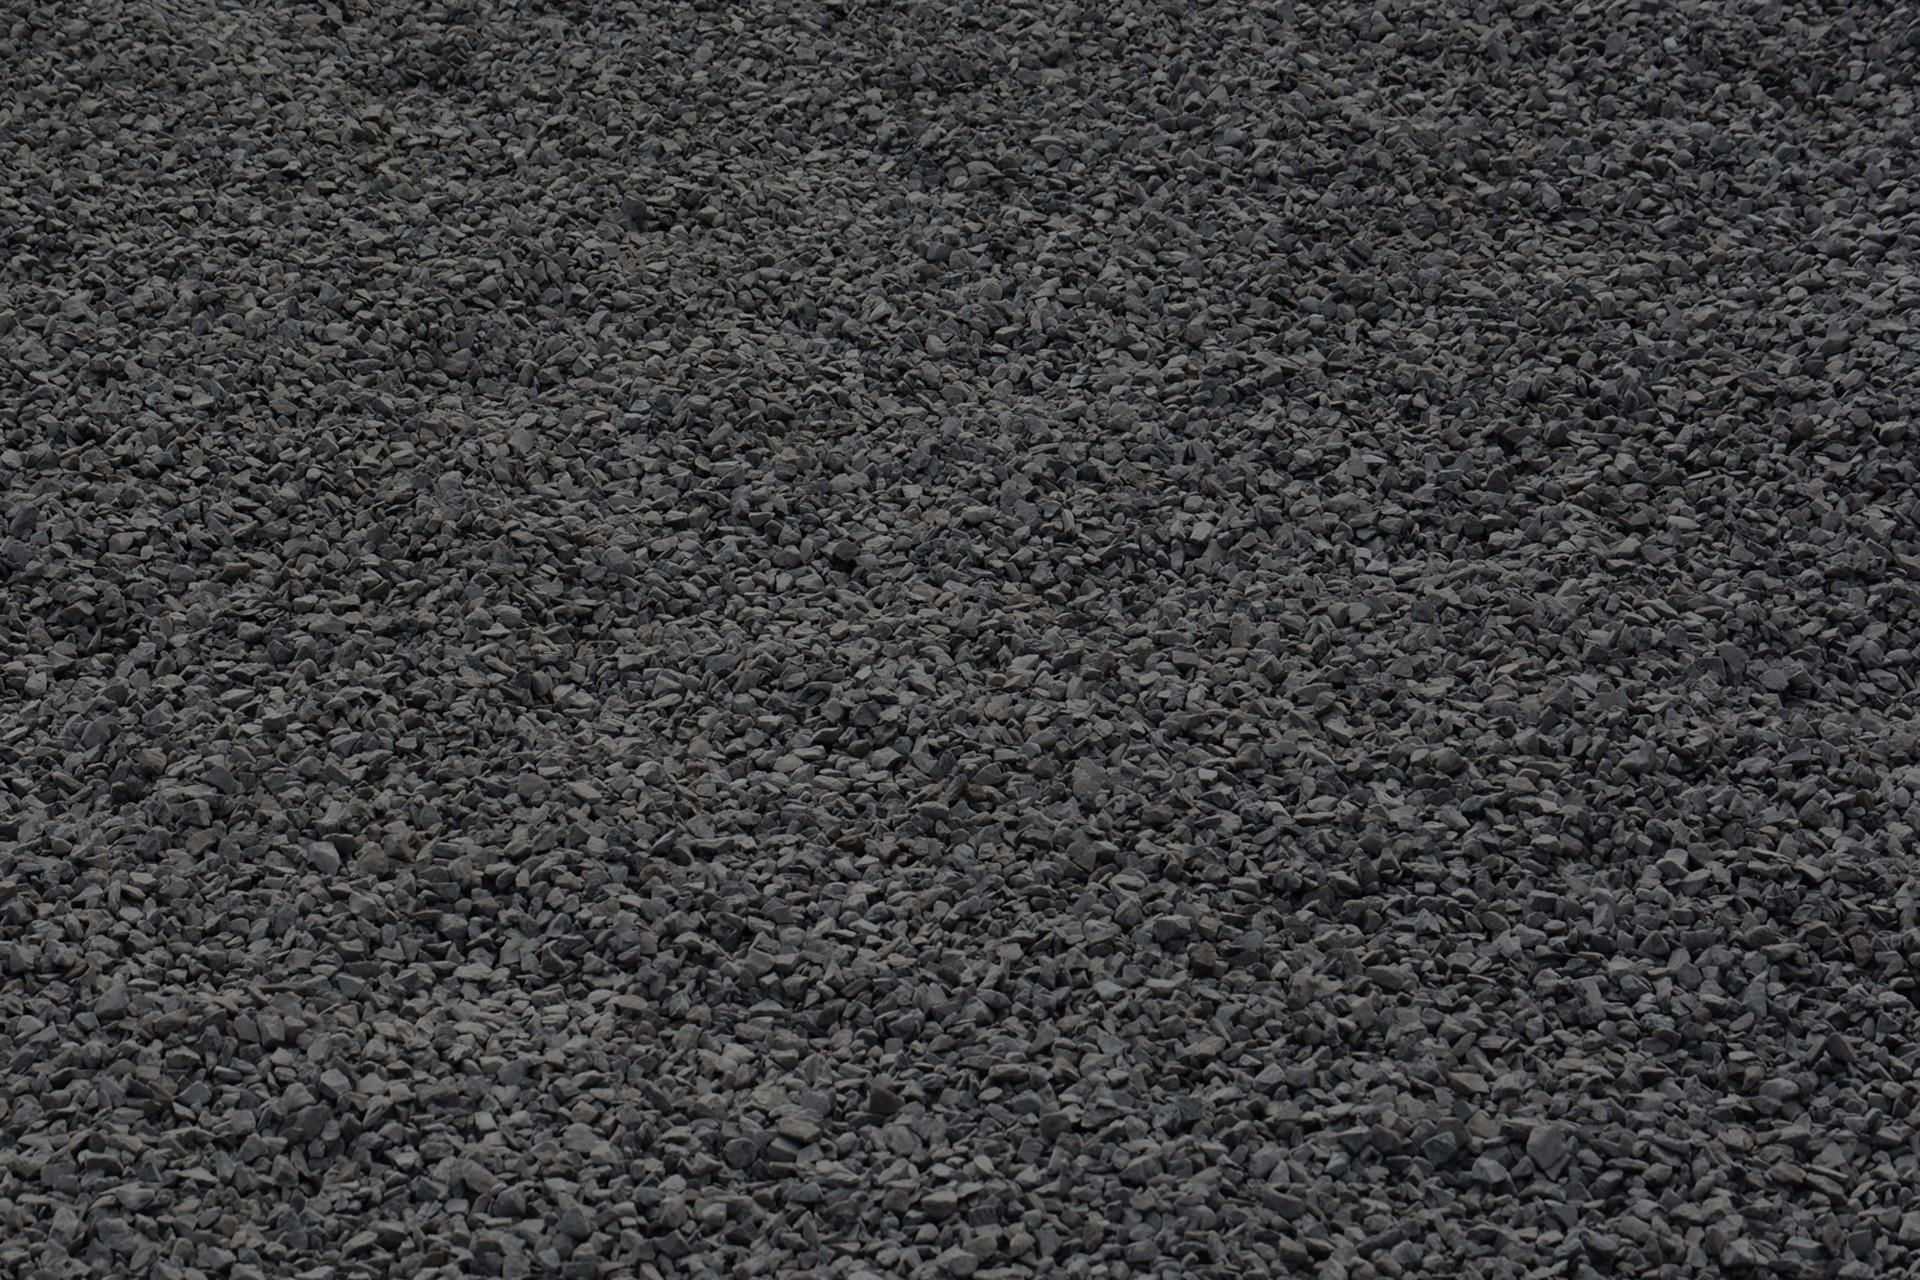 Gravier noir en vrac - Aménagement extérieur - Décovrac